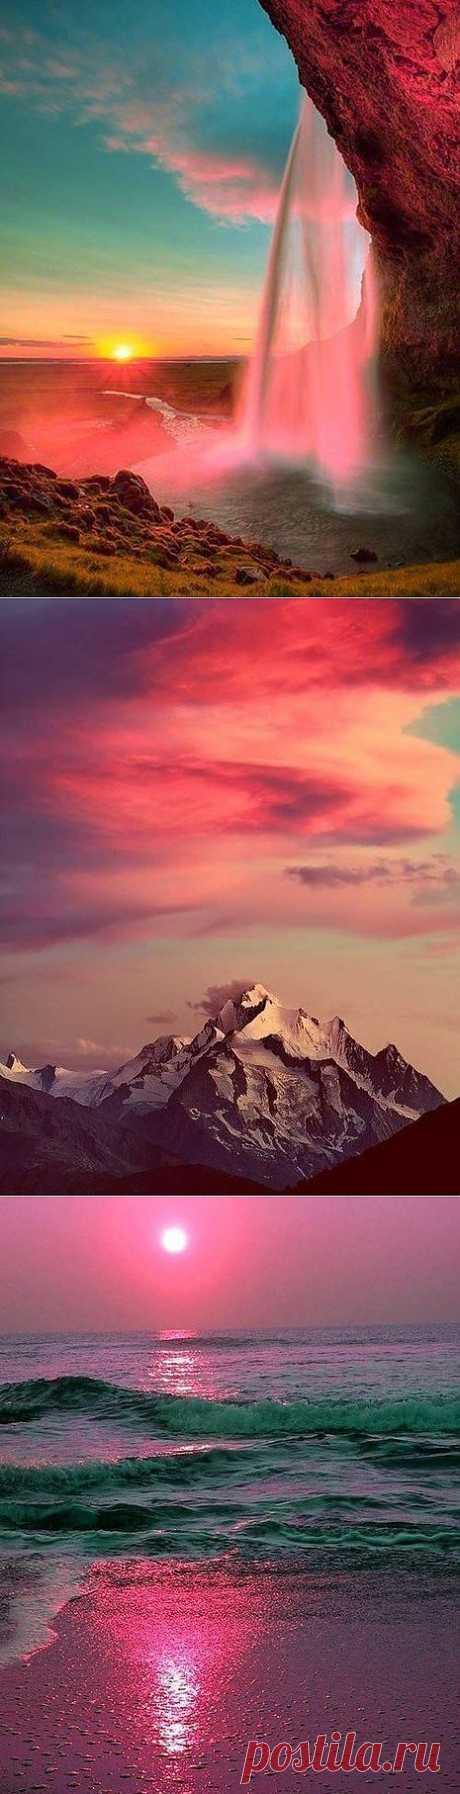 Малиновые закаты